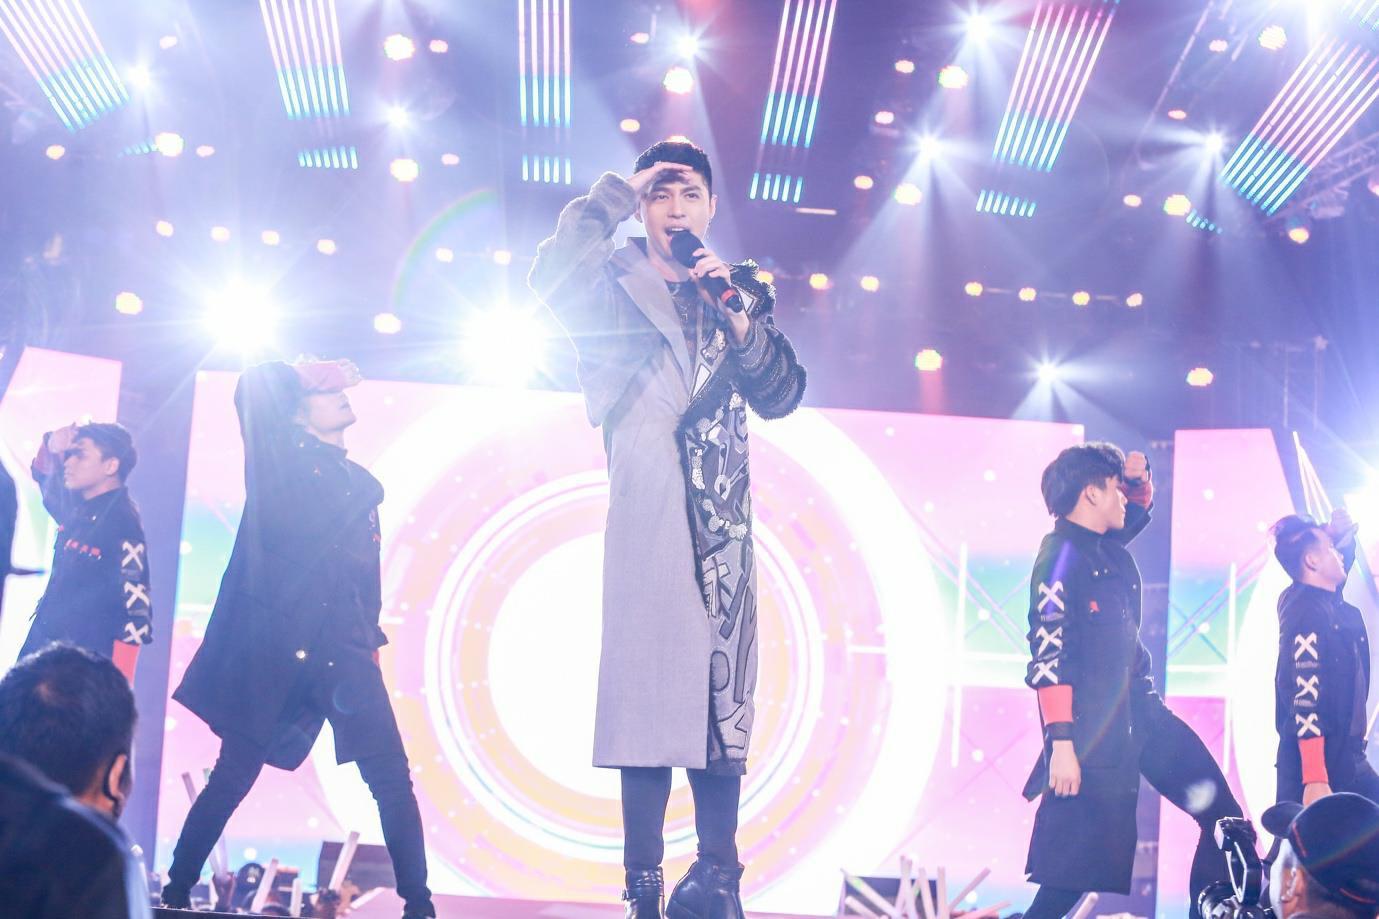 """""""Cán mốc"""" 48.000 khán giả, đêm nhạc công nghệ hologram thành công rực rỡ tại Hà Nội - Ảnh 8."""